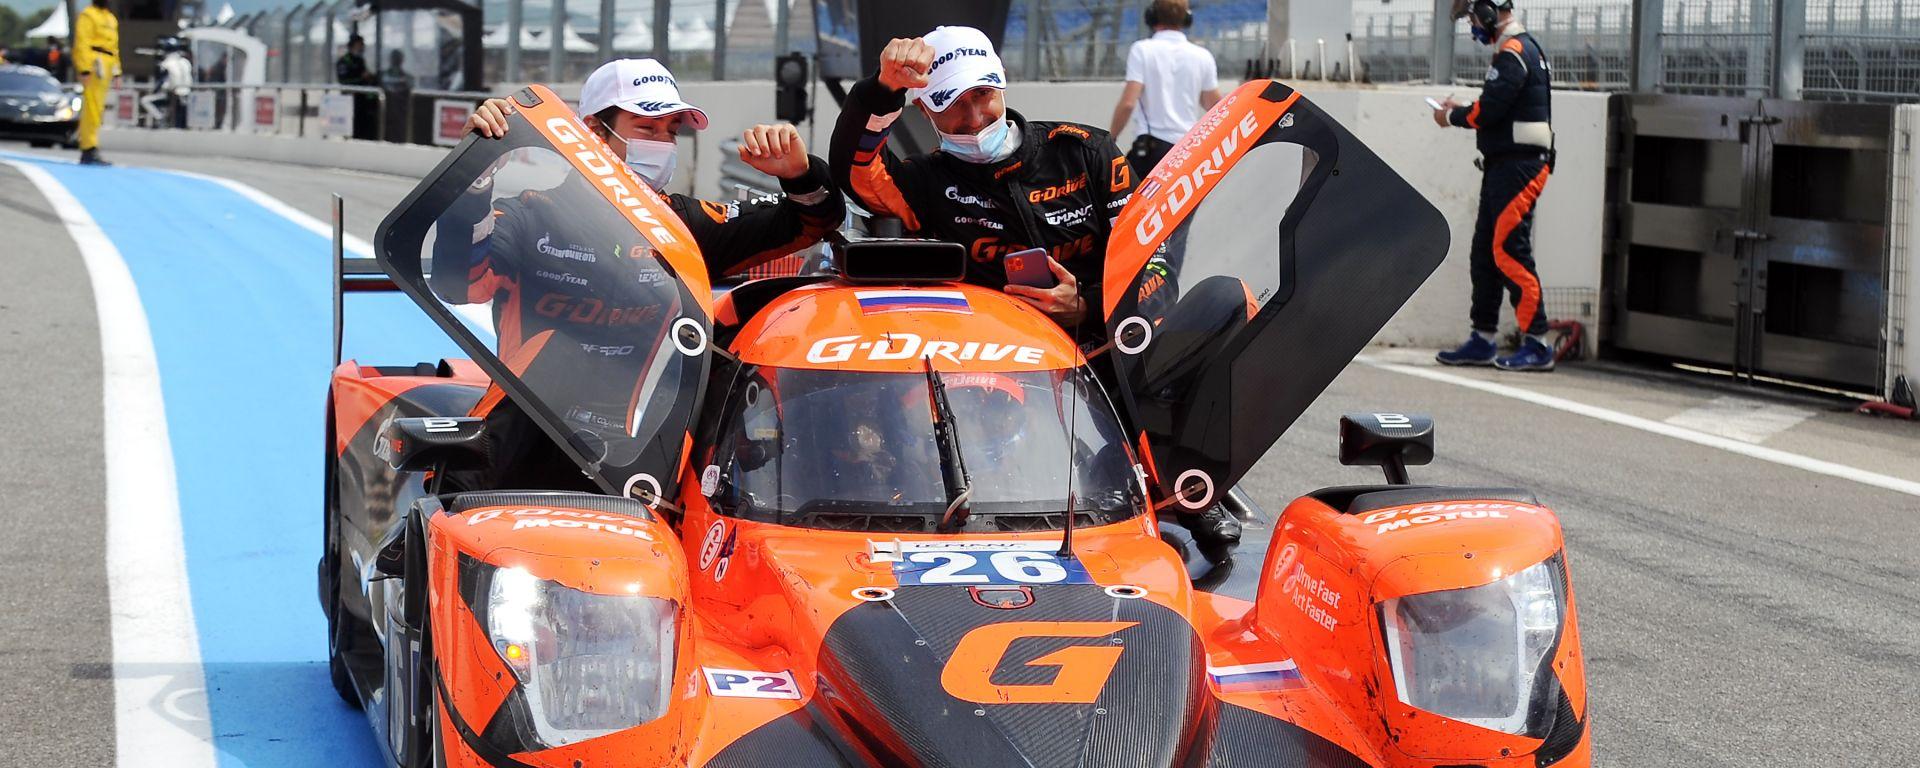 g-drive racing le castellet